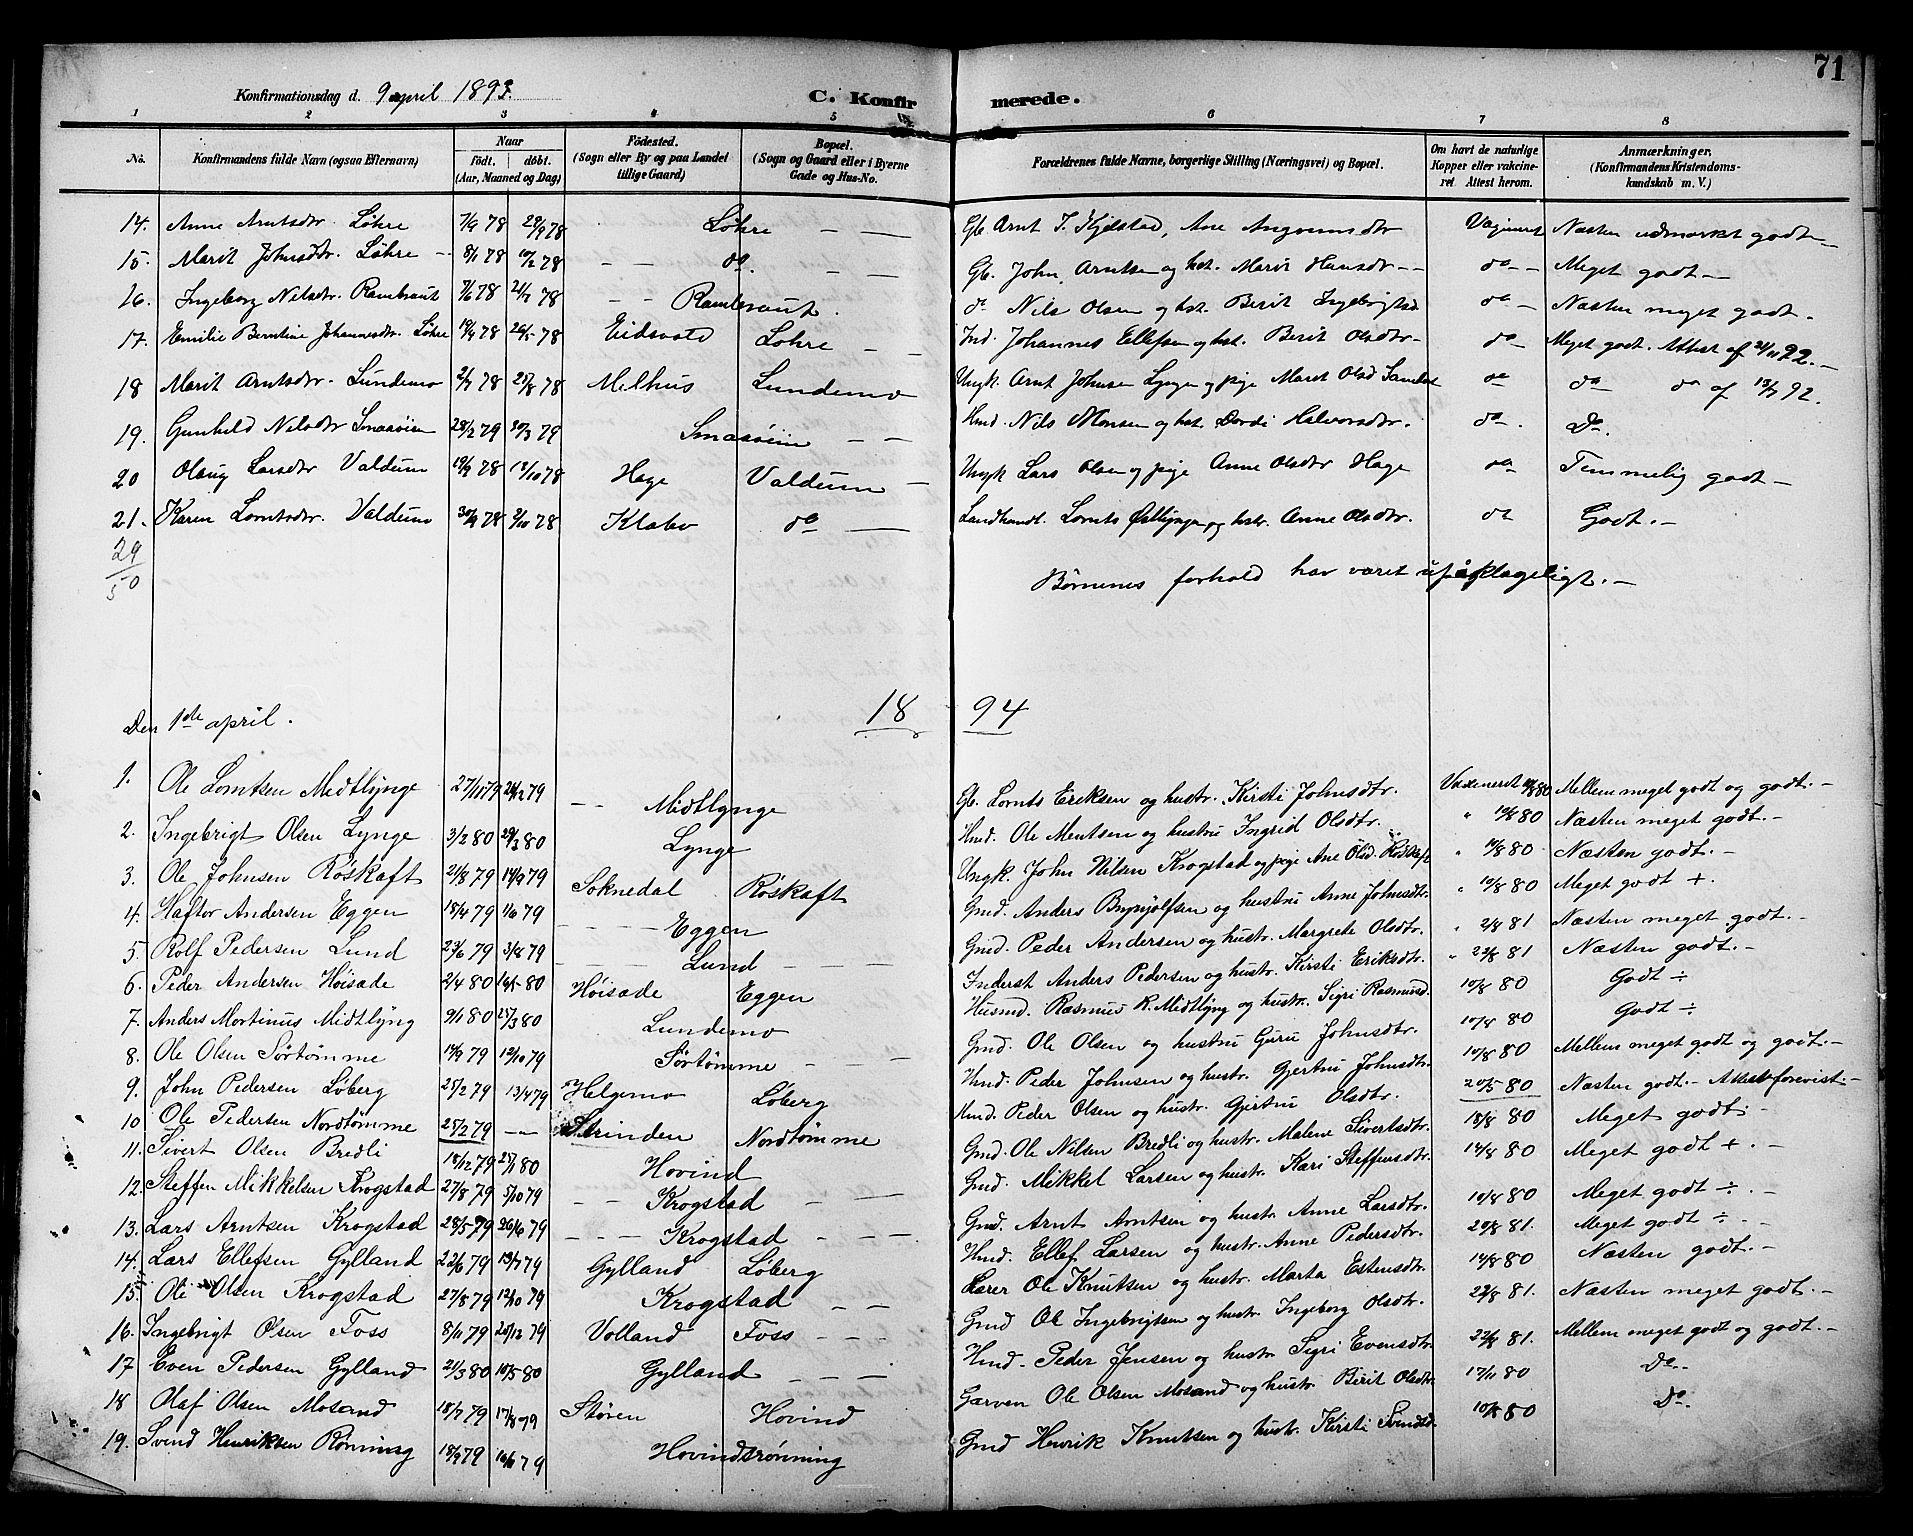 SAT, Ministerialprotokoller, klokkerbøker og fødselsregistre - Sør-Trøndelag, 692/L1111: Klokkerbok nr. 692C06, 1890-1904, s. 71